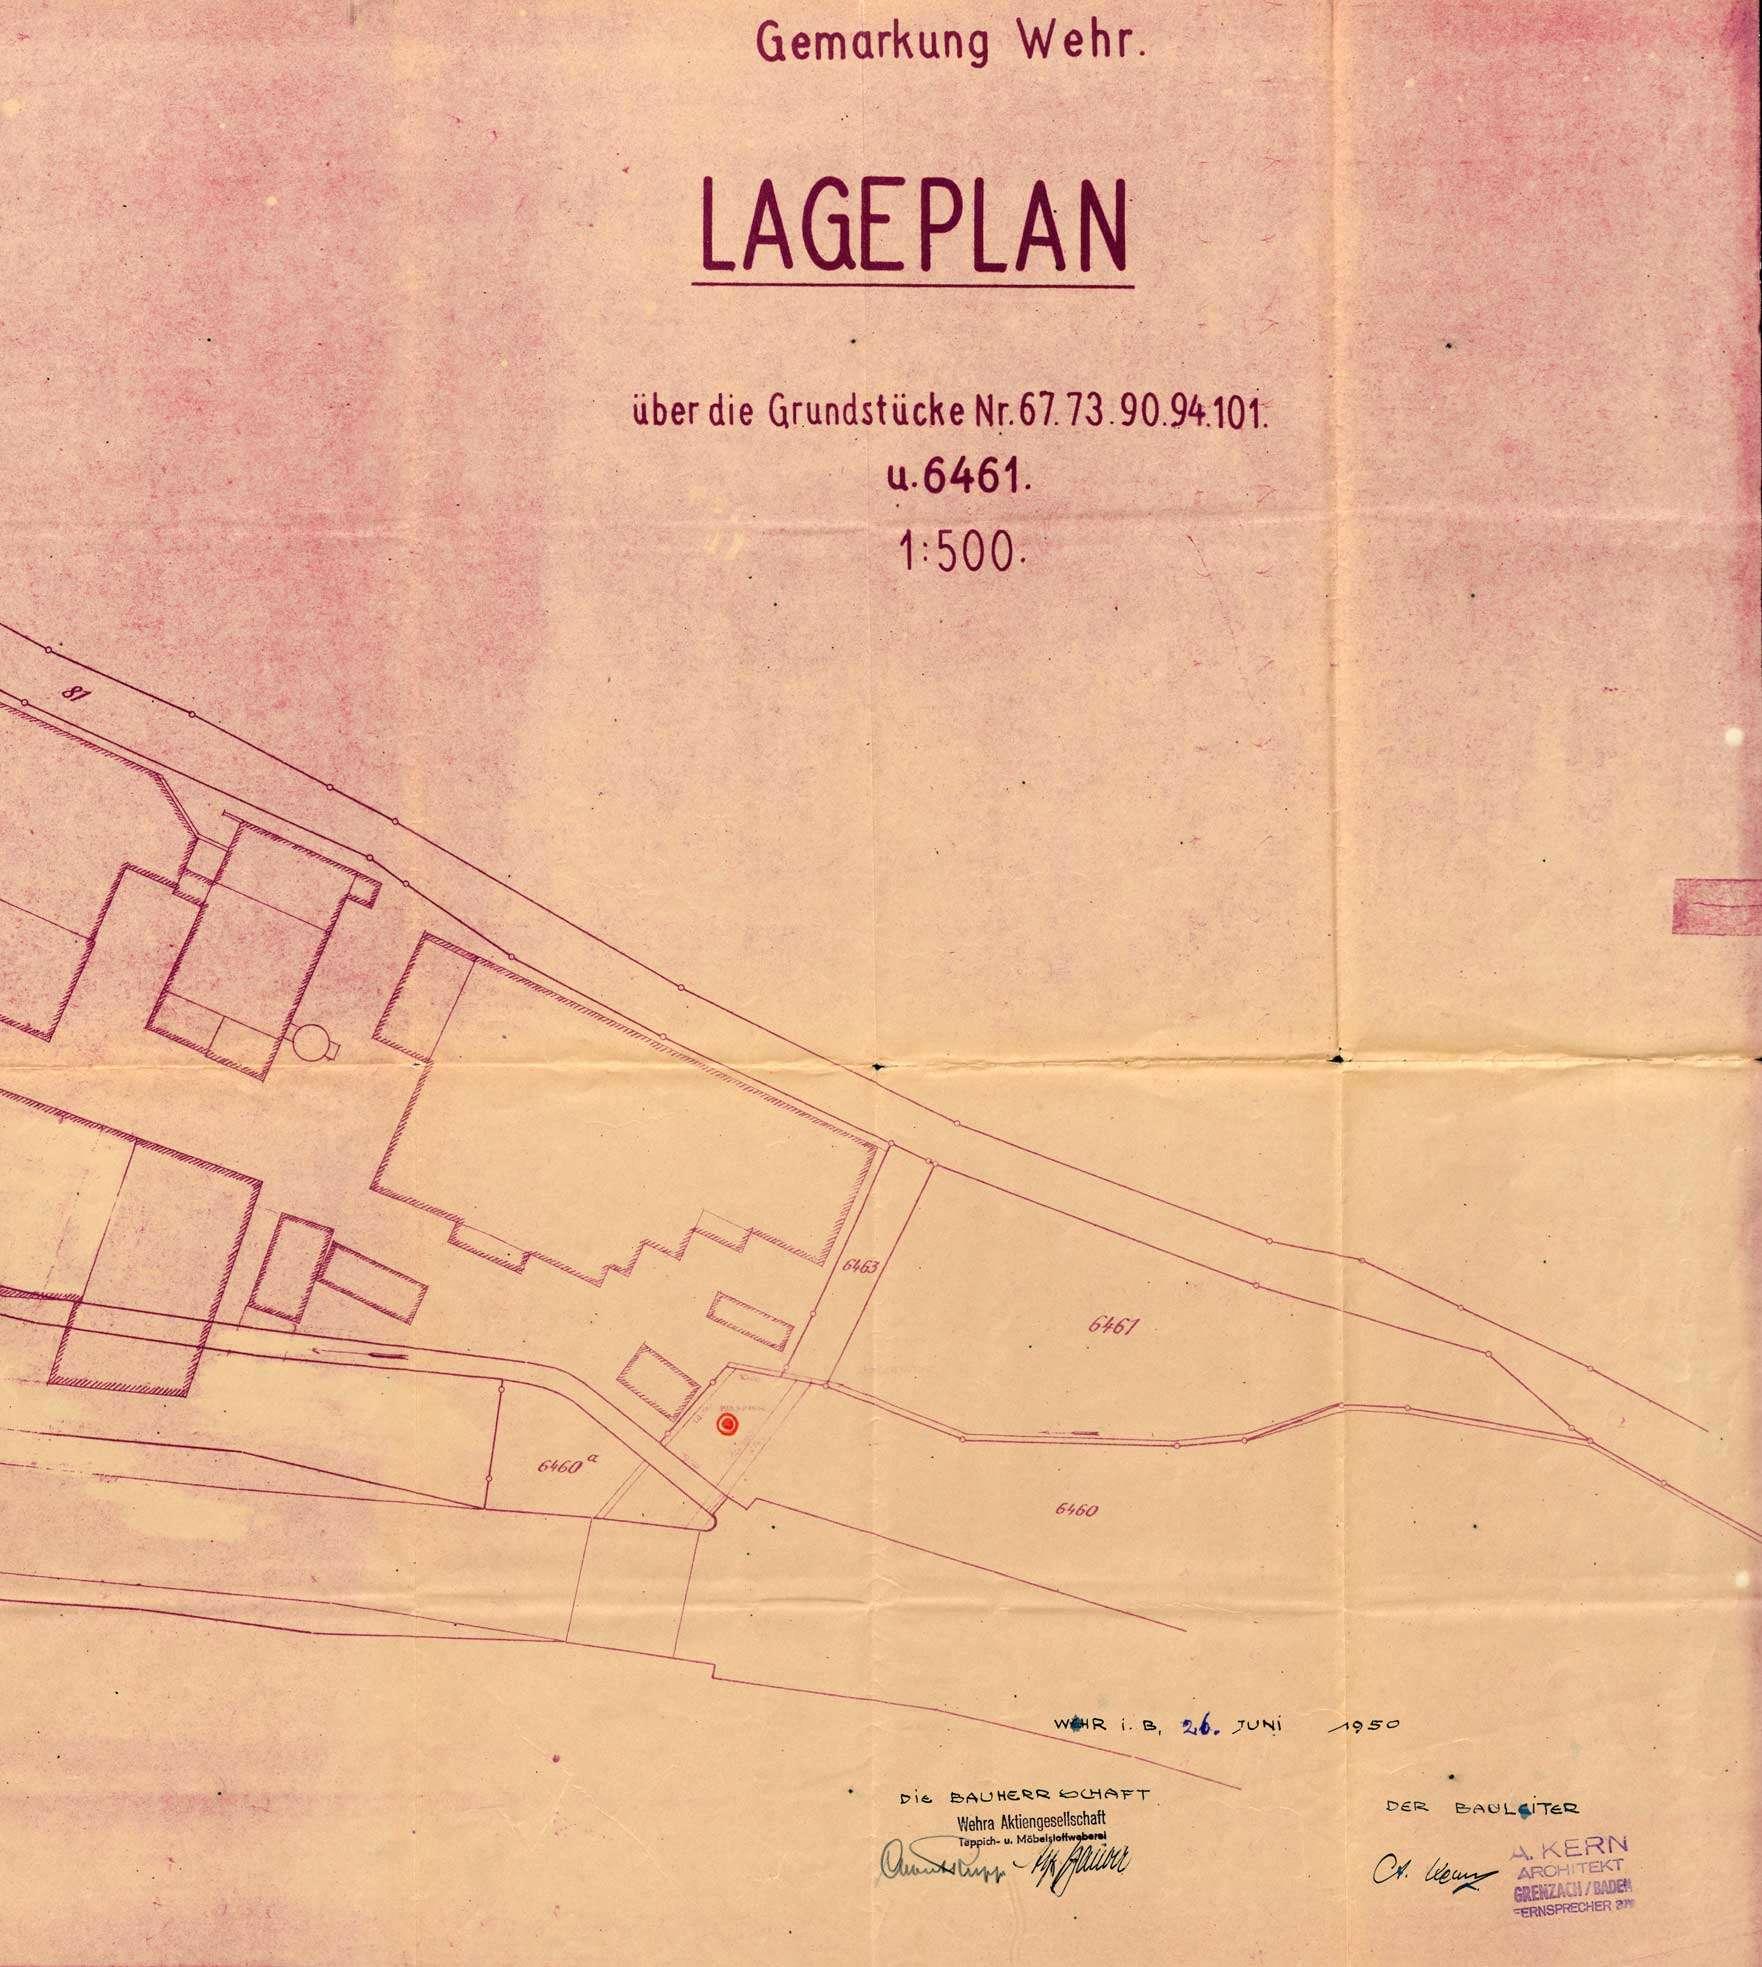 Antrag der Firma Wehra AG in Wehr auf wasserpolizeiliche Genehmigung zur Erstellung einer Brunnenanlage, Bild 2